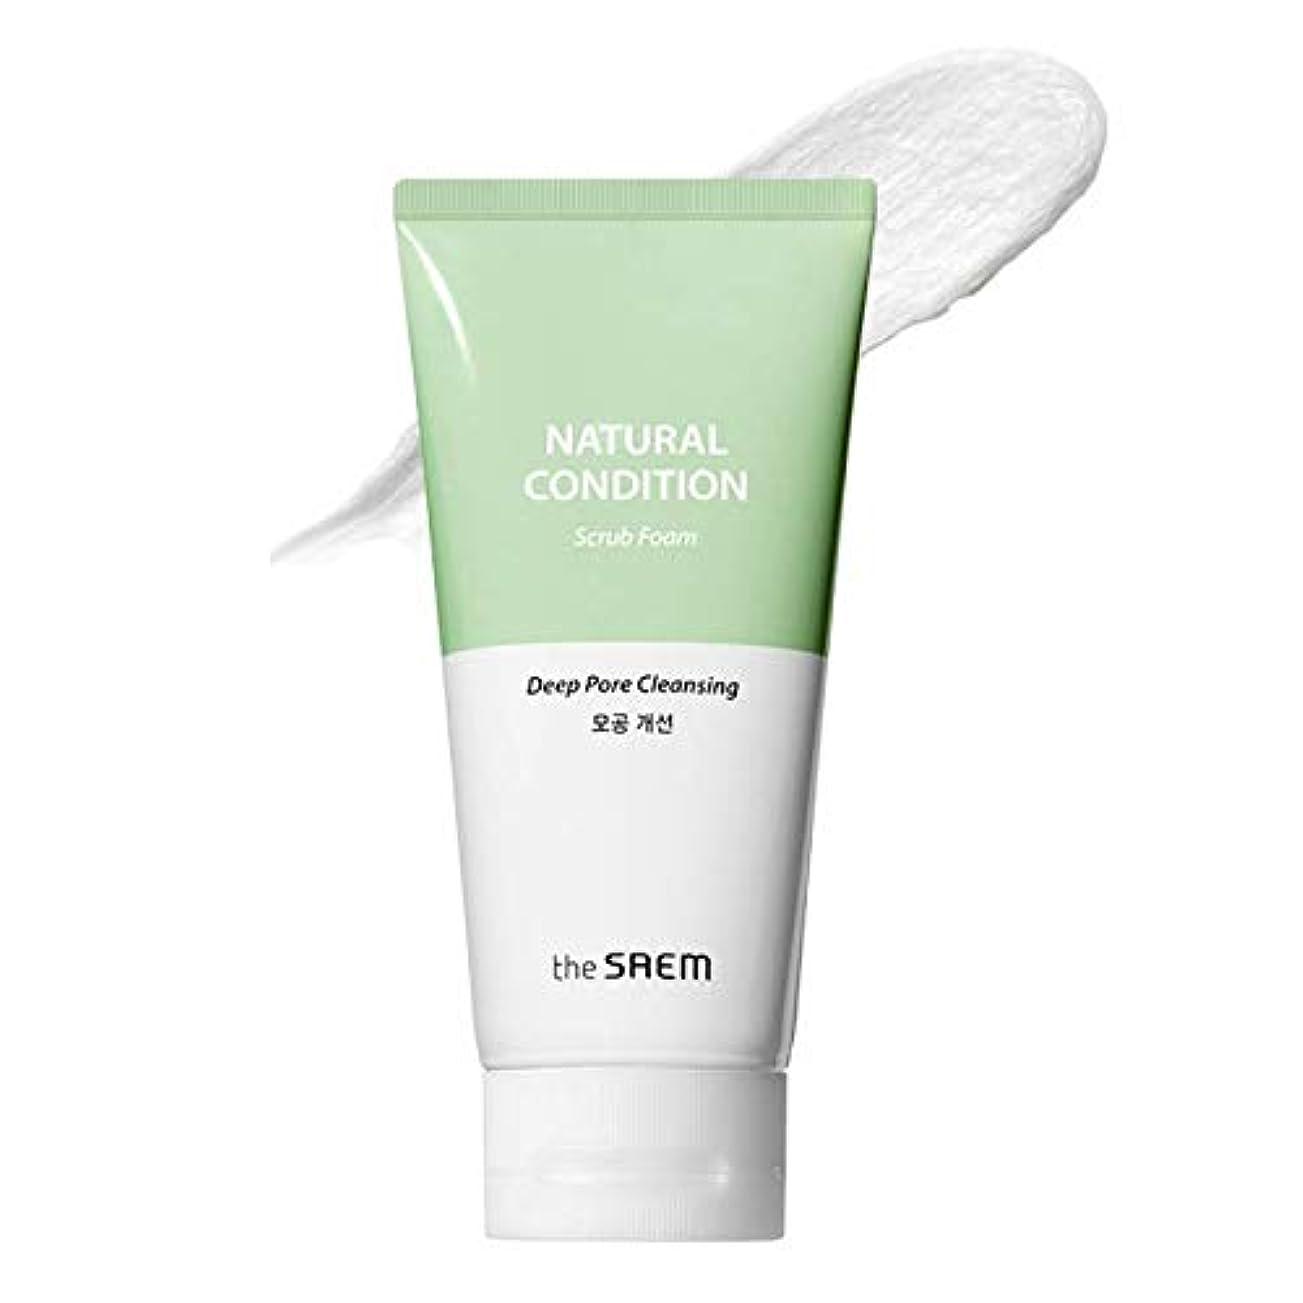 居心地の良いびっくりしたおとうさんThe Saem Natural Condition Scrub Foam [Deep pore cleansing] / ザセム ナチュラルコンディションスクラブフォーム[毛穴改善] [並行輸入品]